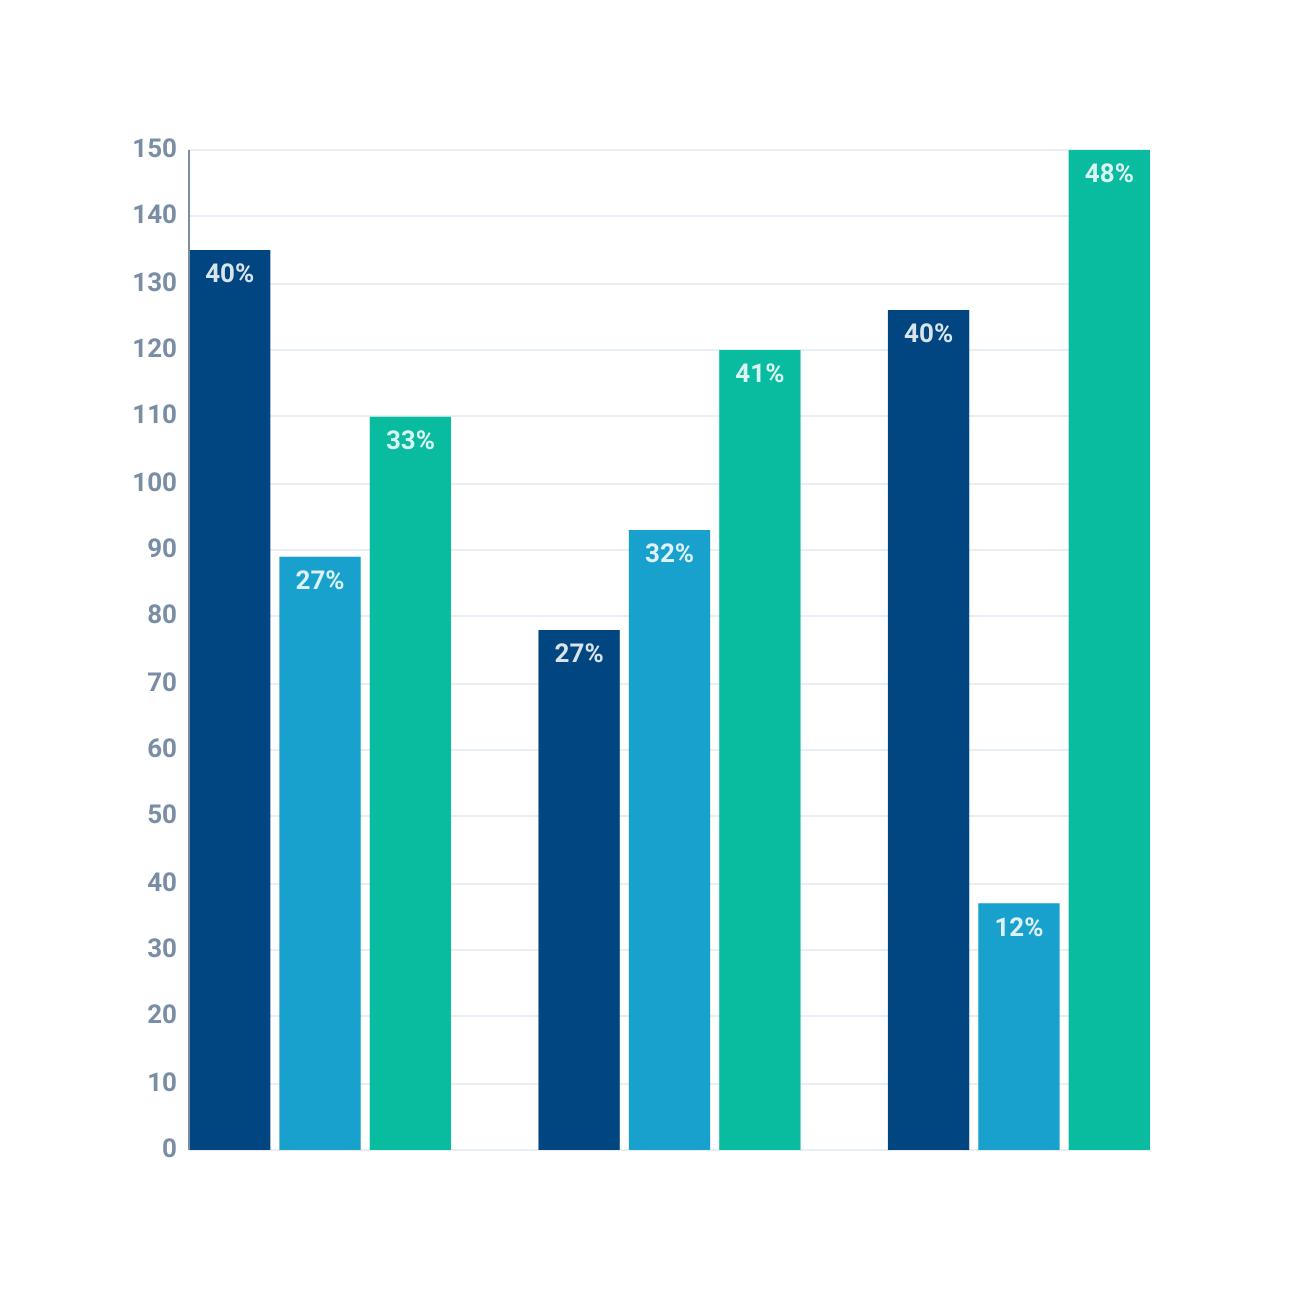 6.1) Render as Percentage